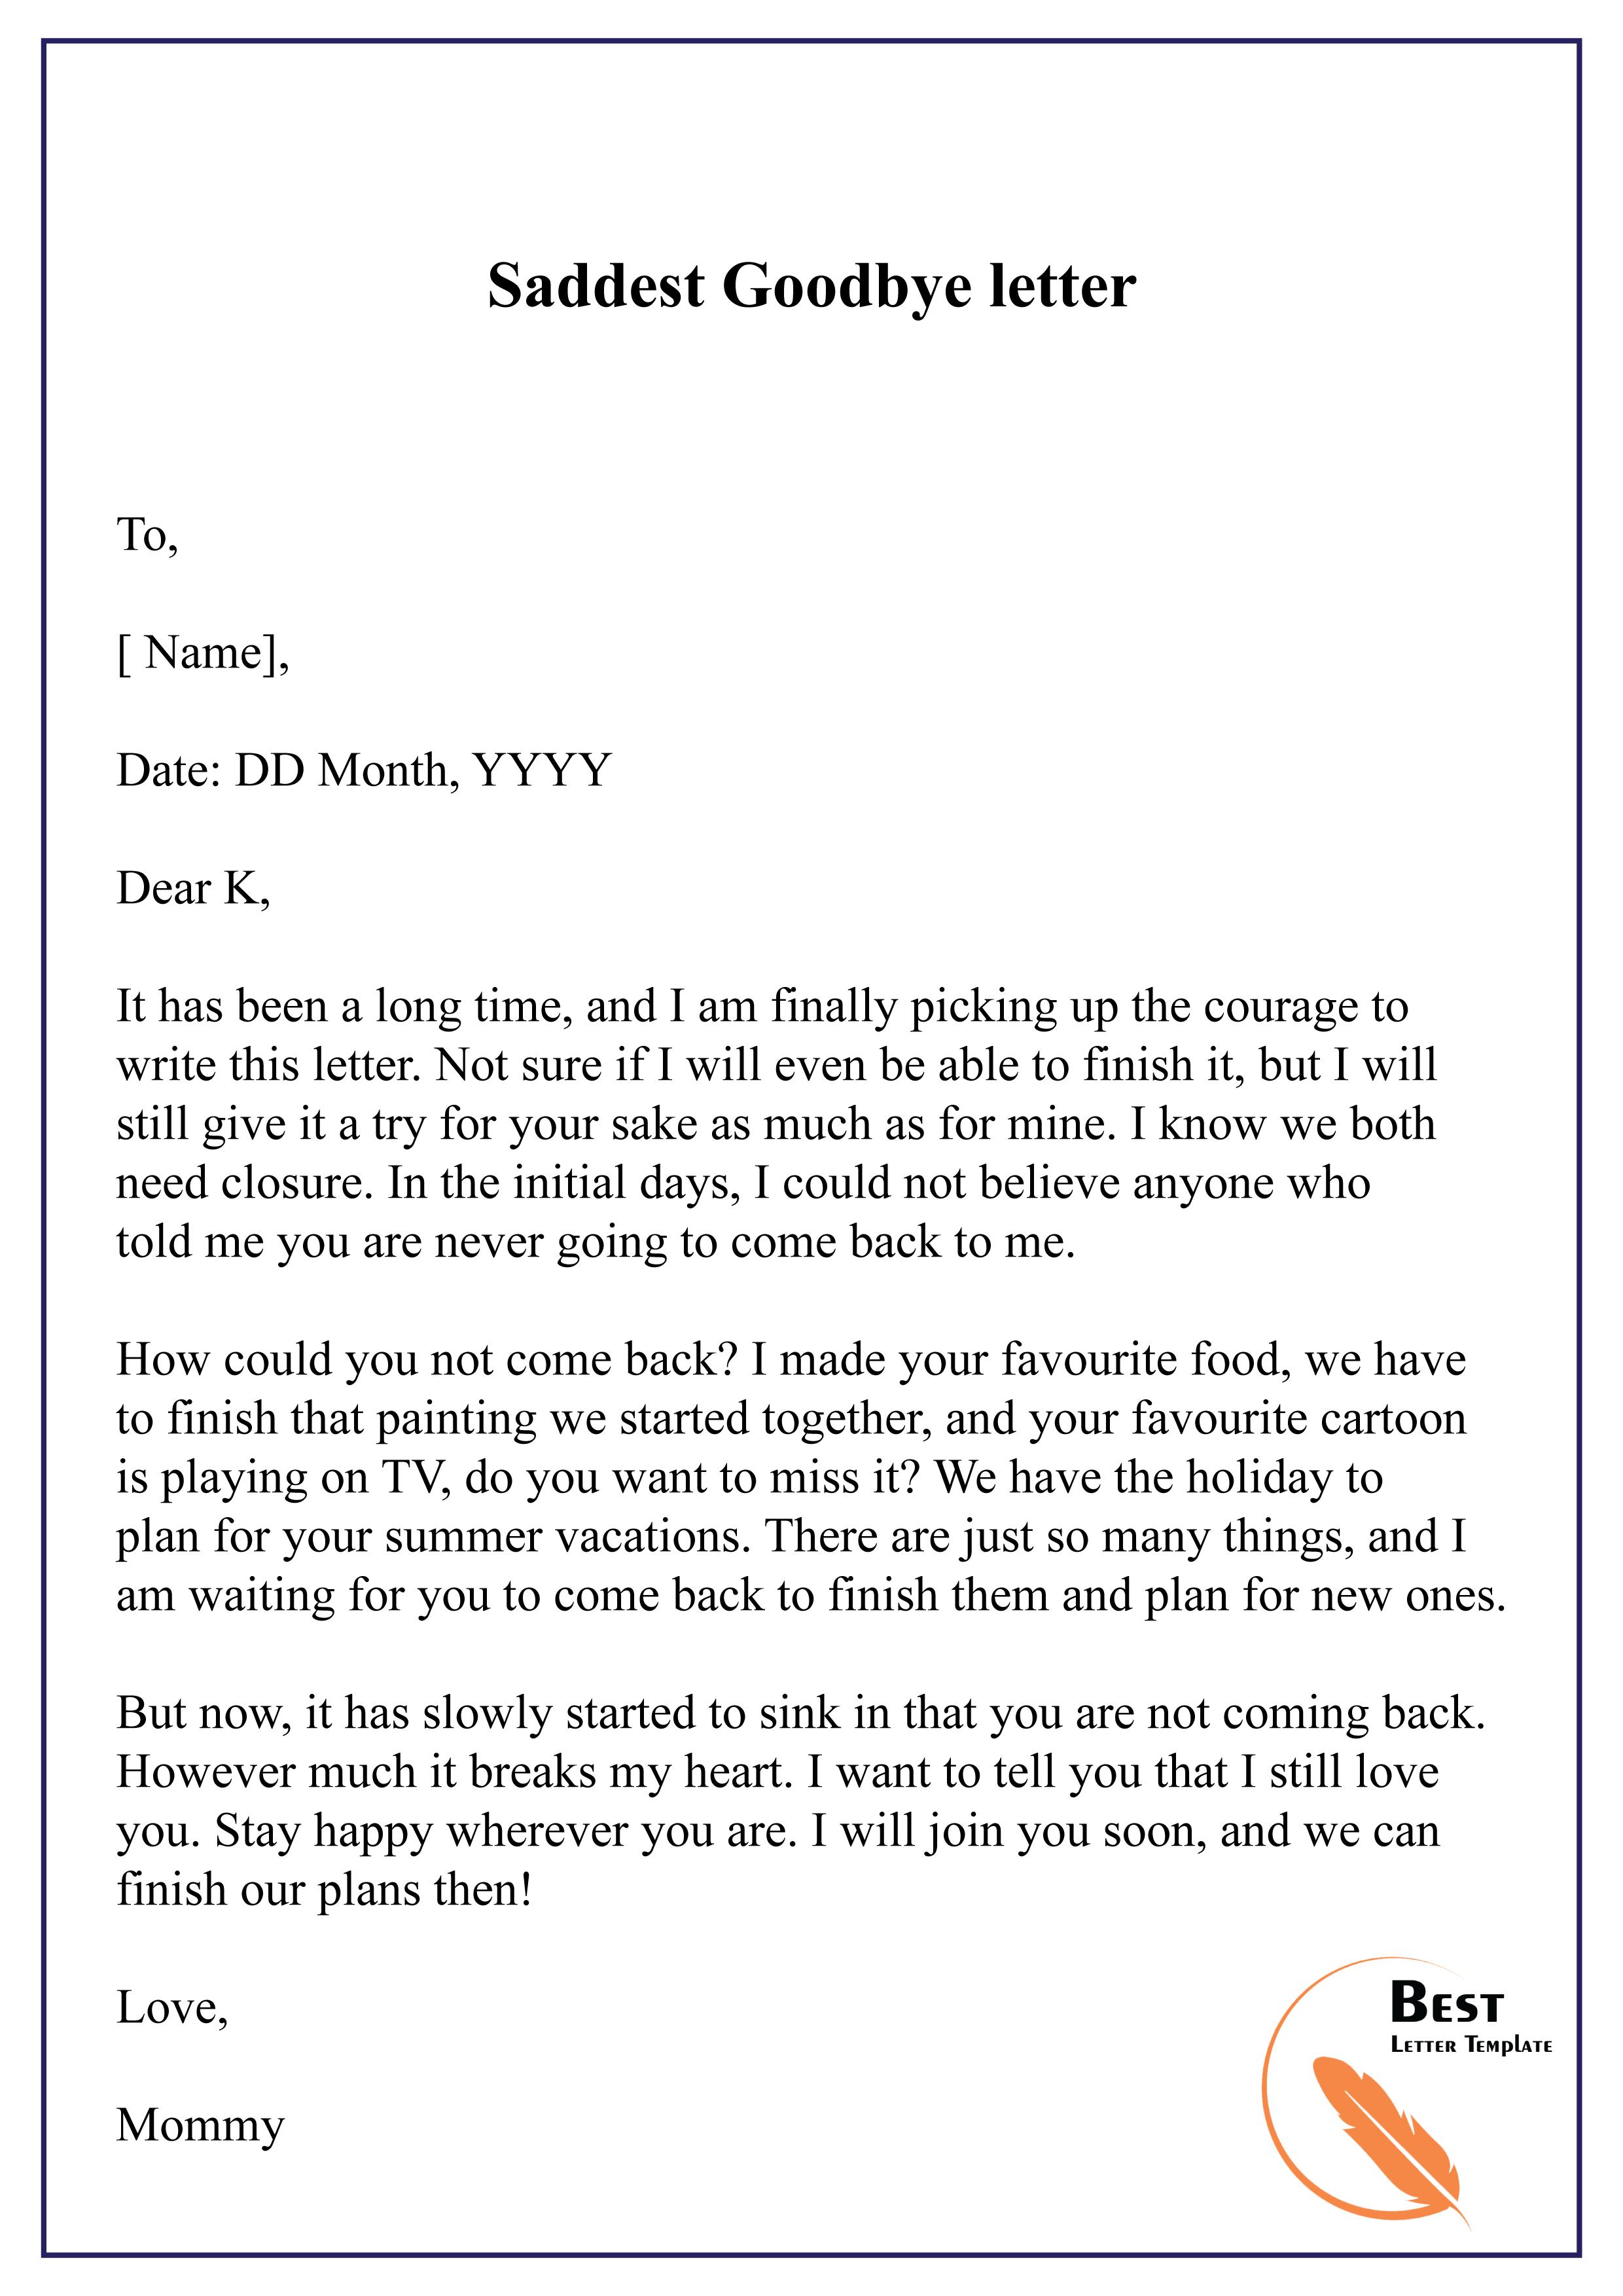 Saddest Goodbye letter-01 - Best Letter Template